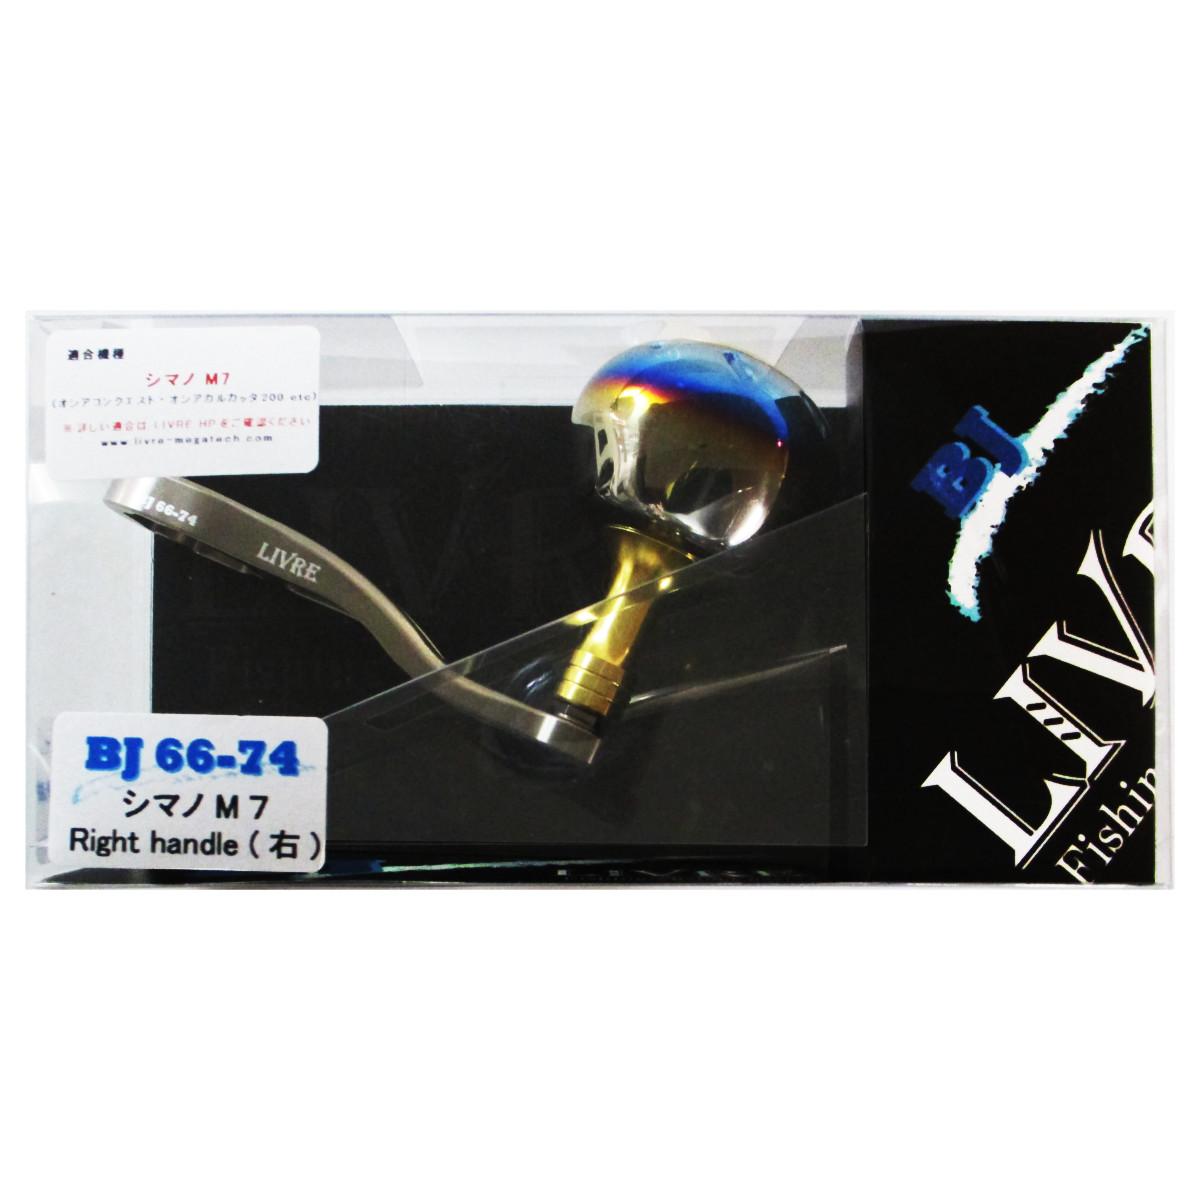 リブレ BJ66-74 BJ-67M7R-TIGMT6544 チタンP+ゴールドG(東日本店)